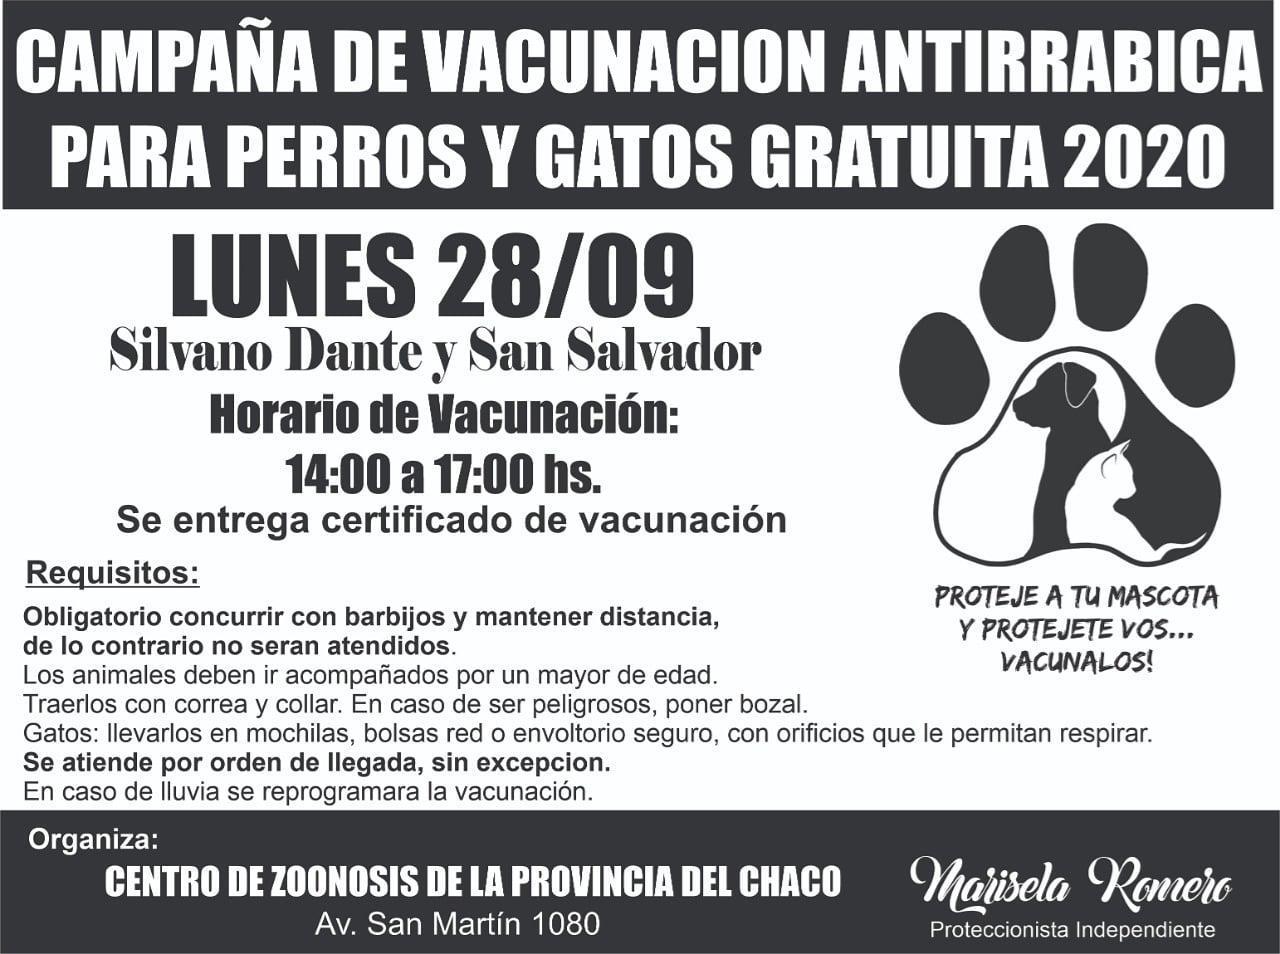 convocatoria-para-vacunacion-antirrabica 2020-09-28